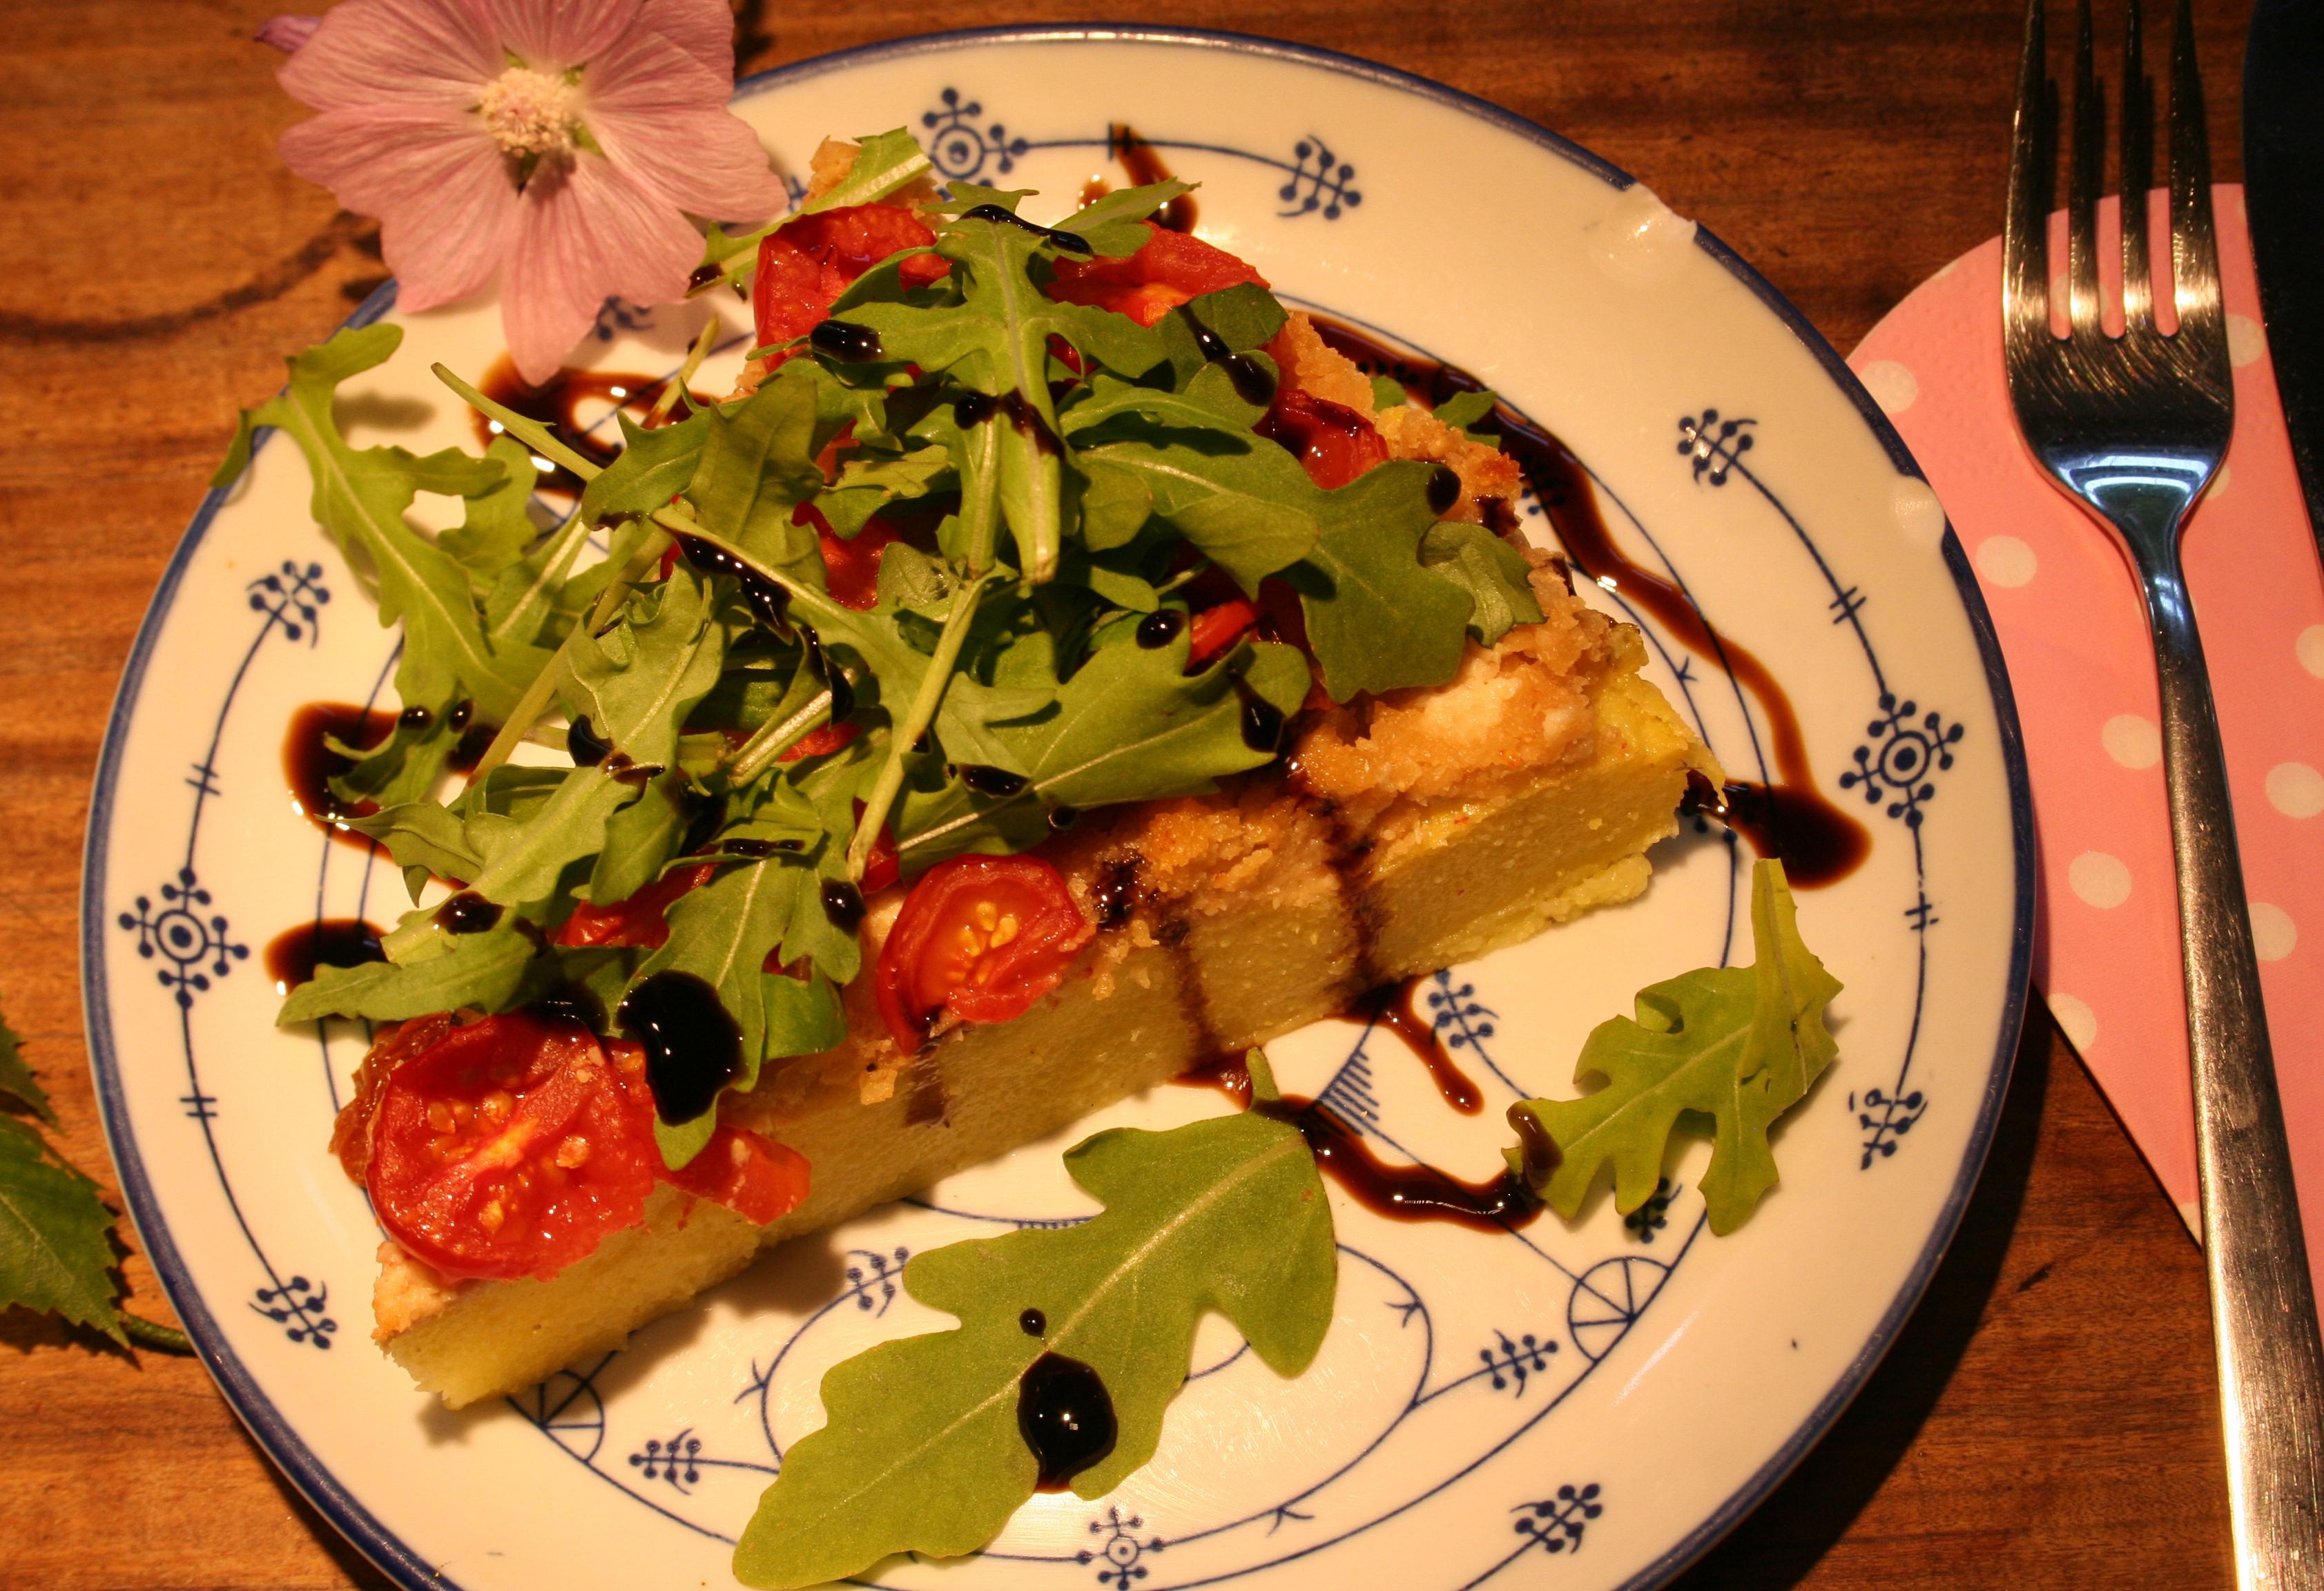 Polenta-Tarte mit Tomaten auf veganem Ziegenkäse